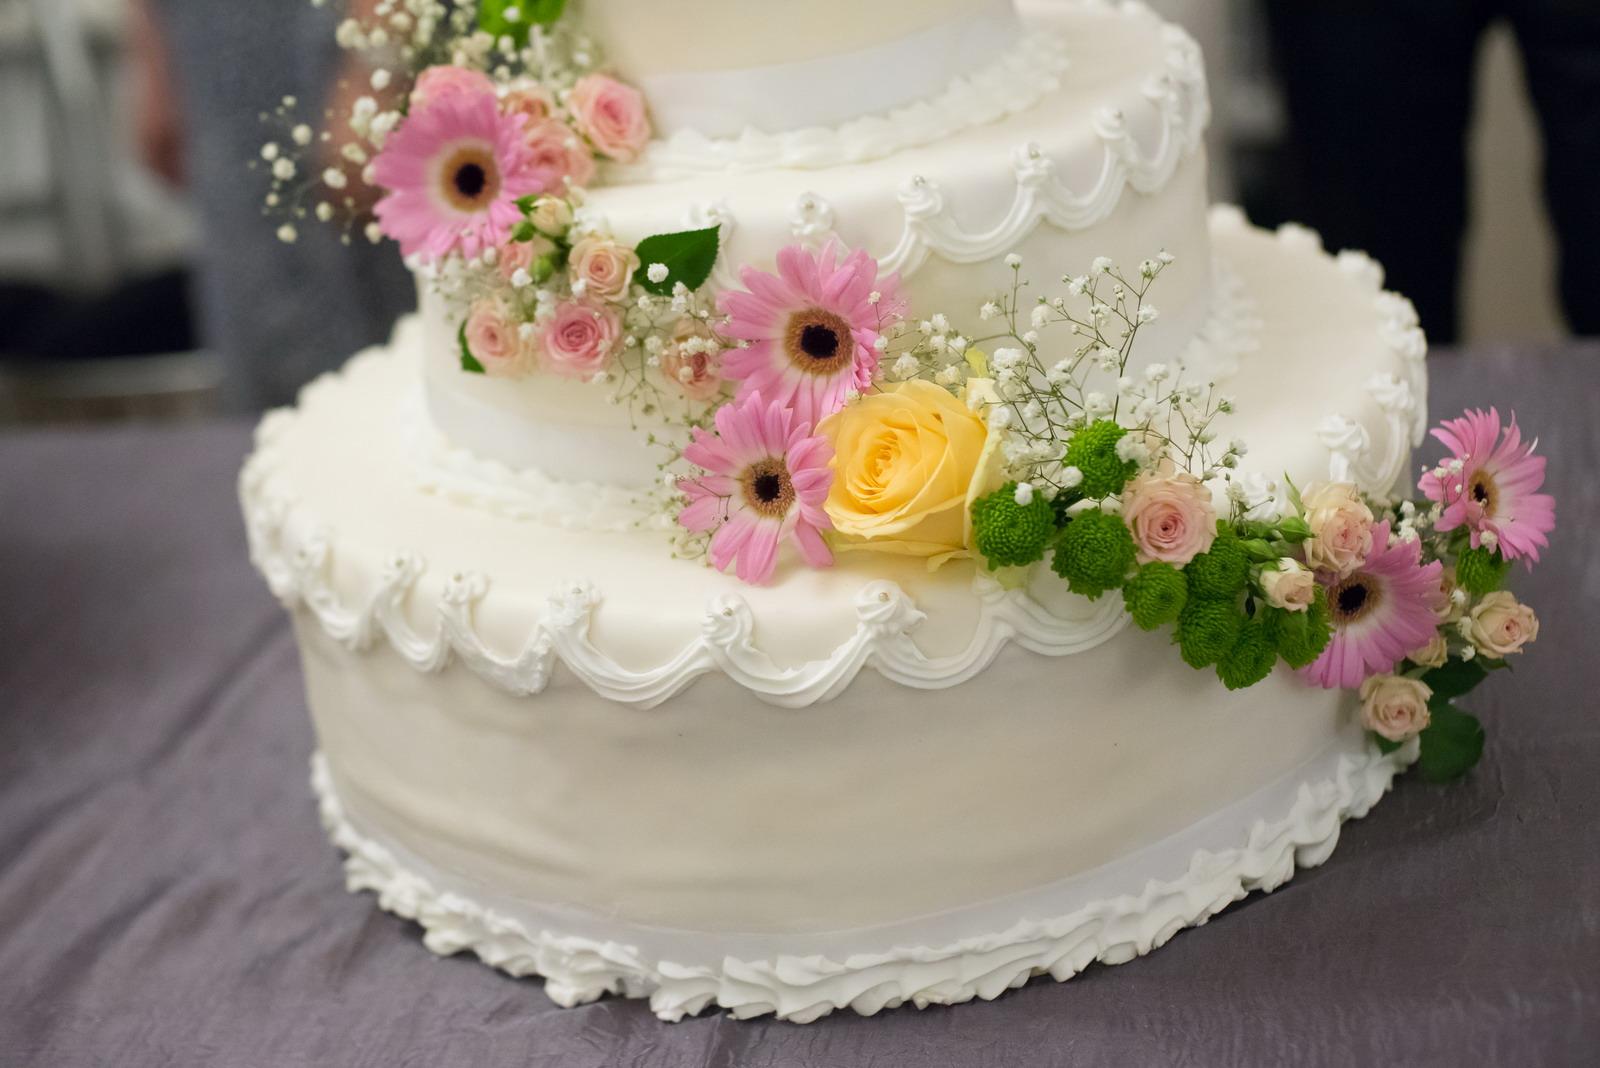 Mariage gâteau Manoir de lys Auchel